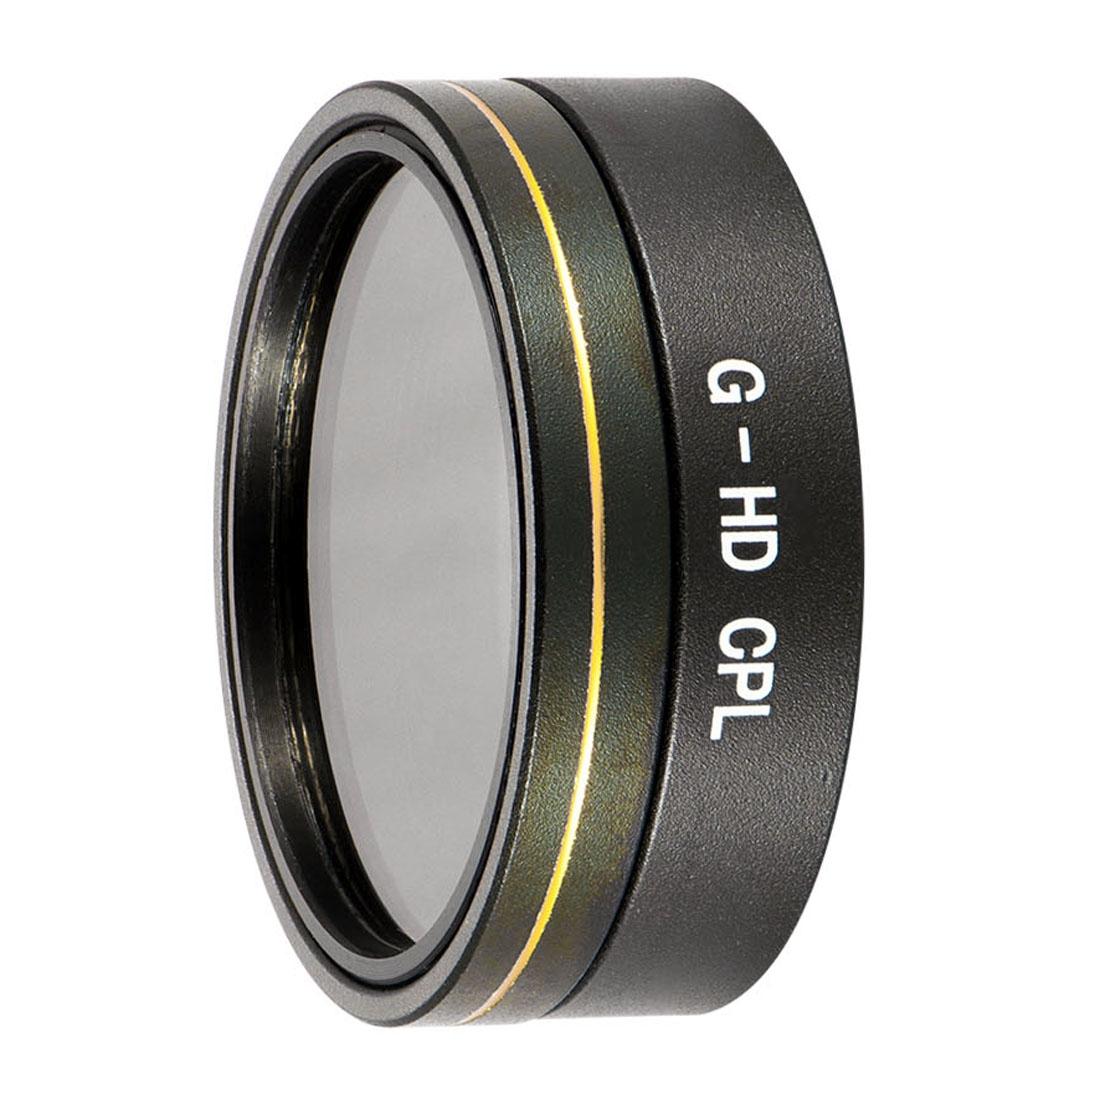 فیلتر لنز HD-CPL مدل CHT32 مناسب برای دوربین پهپاد DJI Phantom 4 Pro